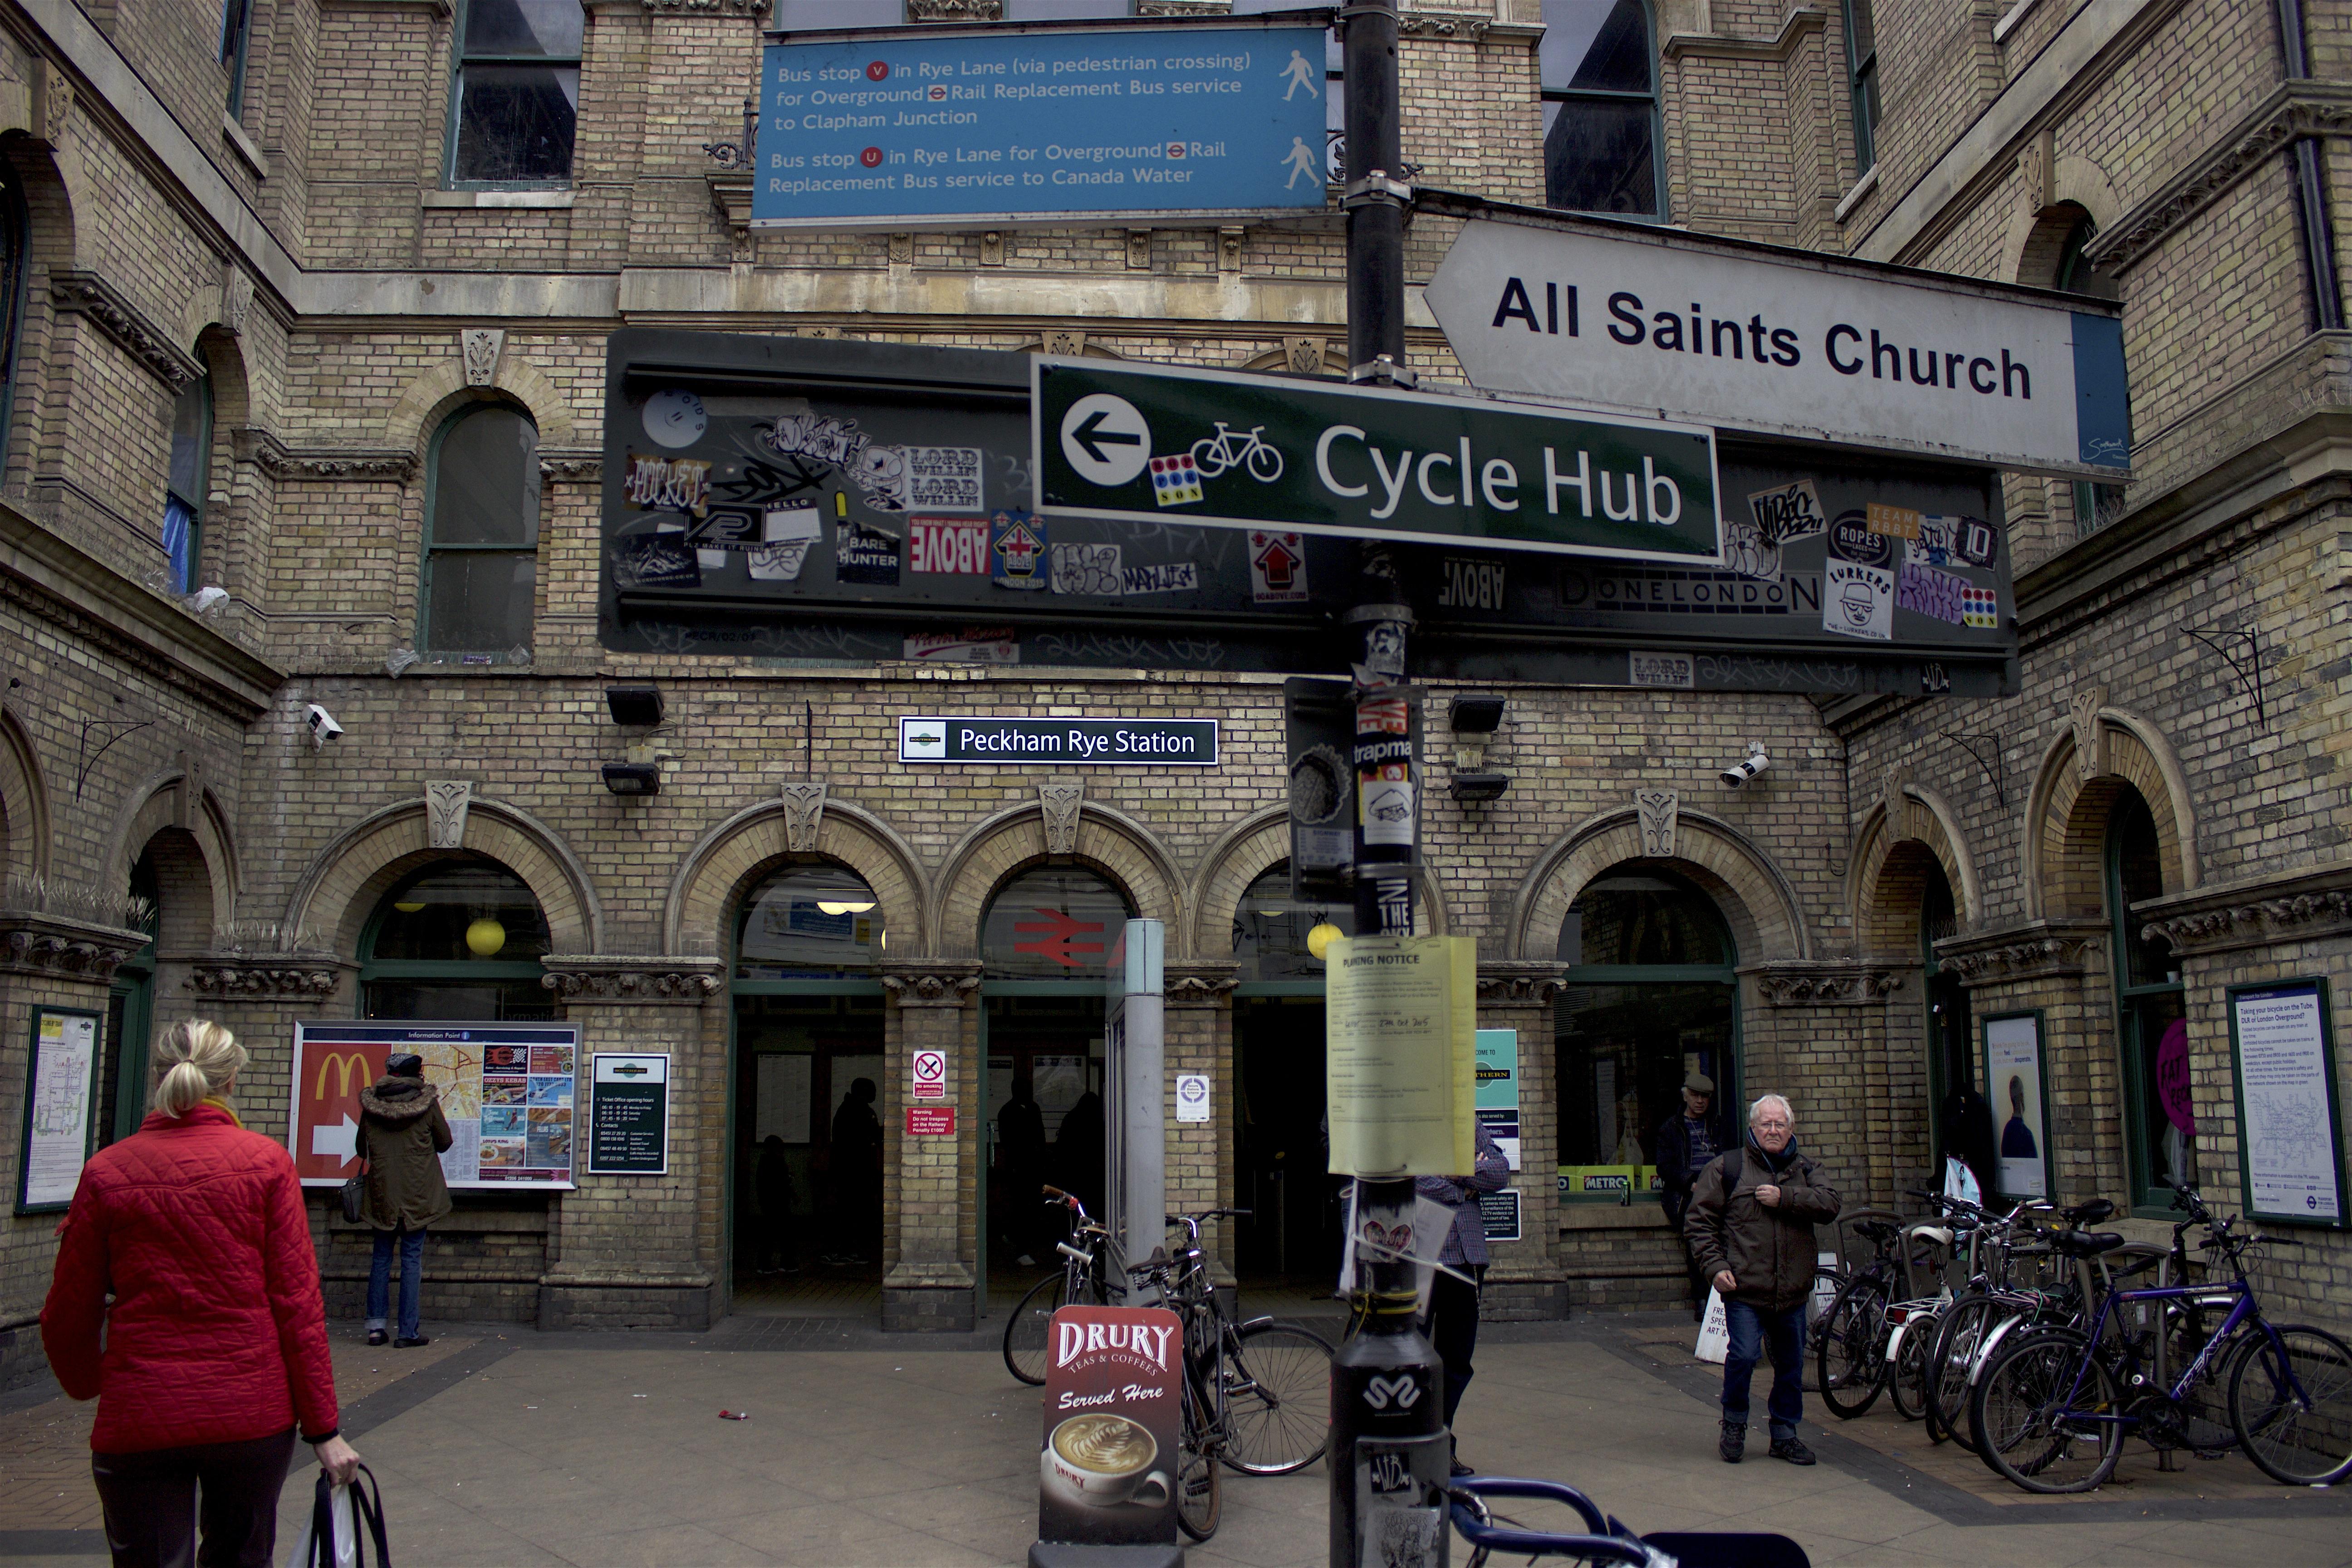 Peckham_Rye_Station.jpg